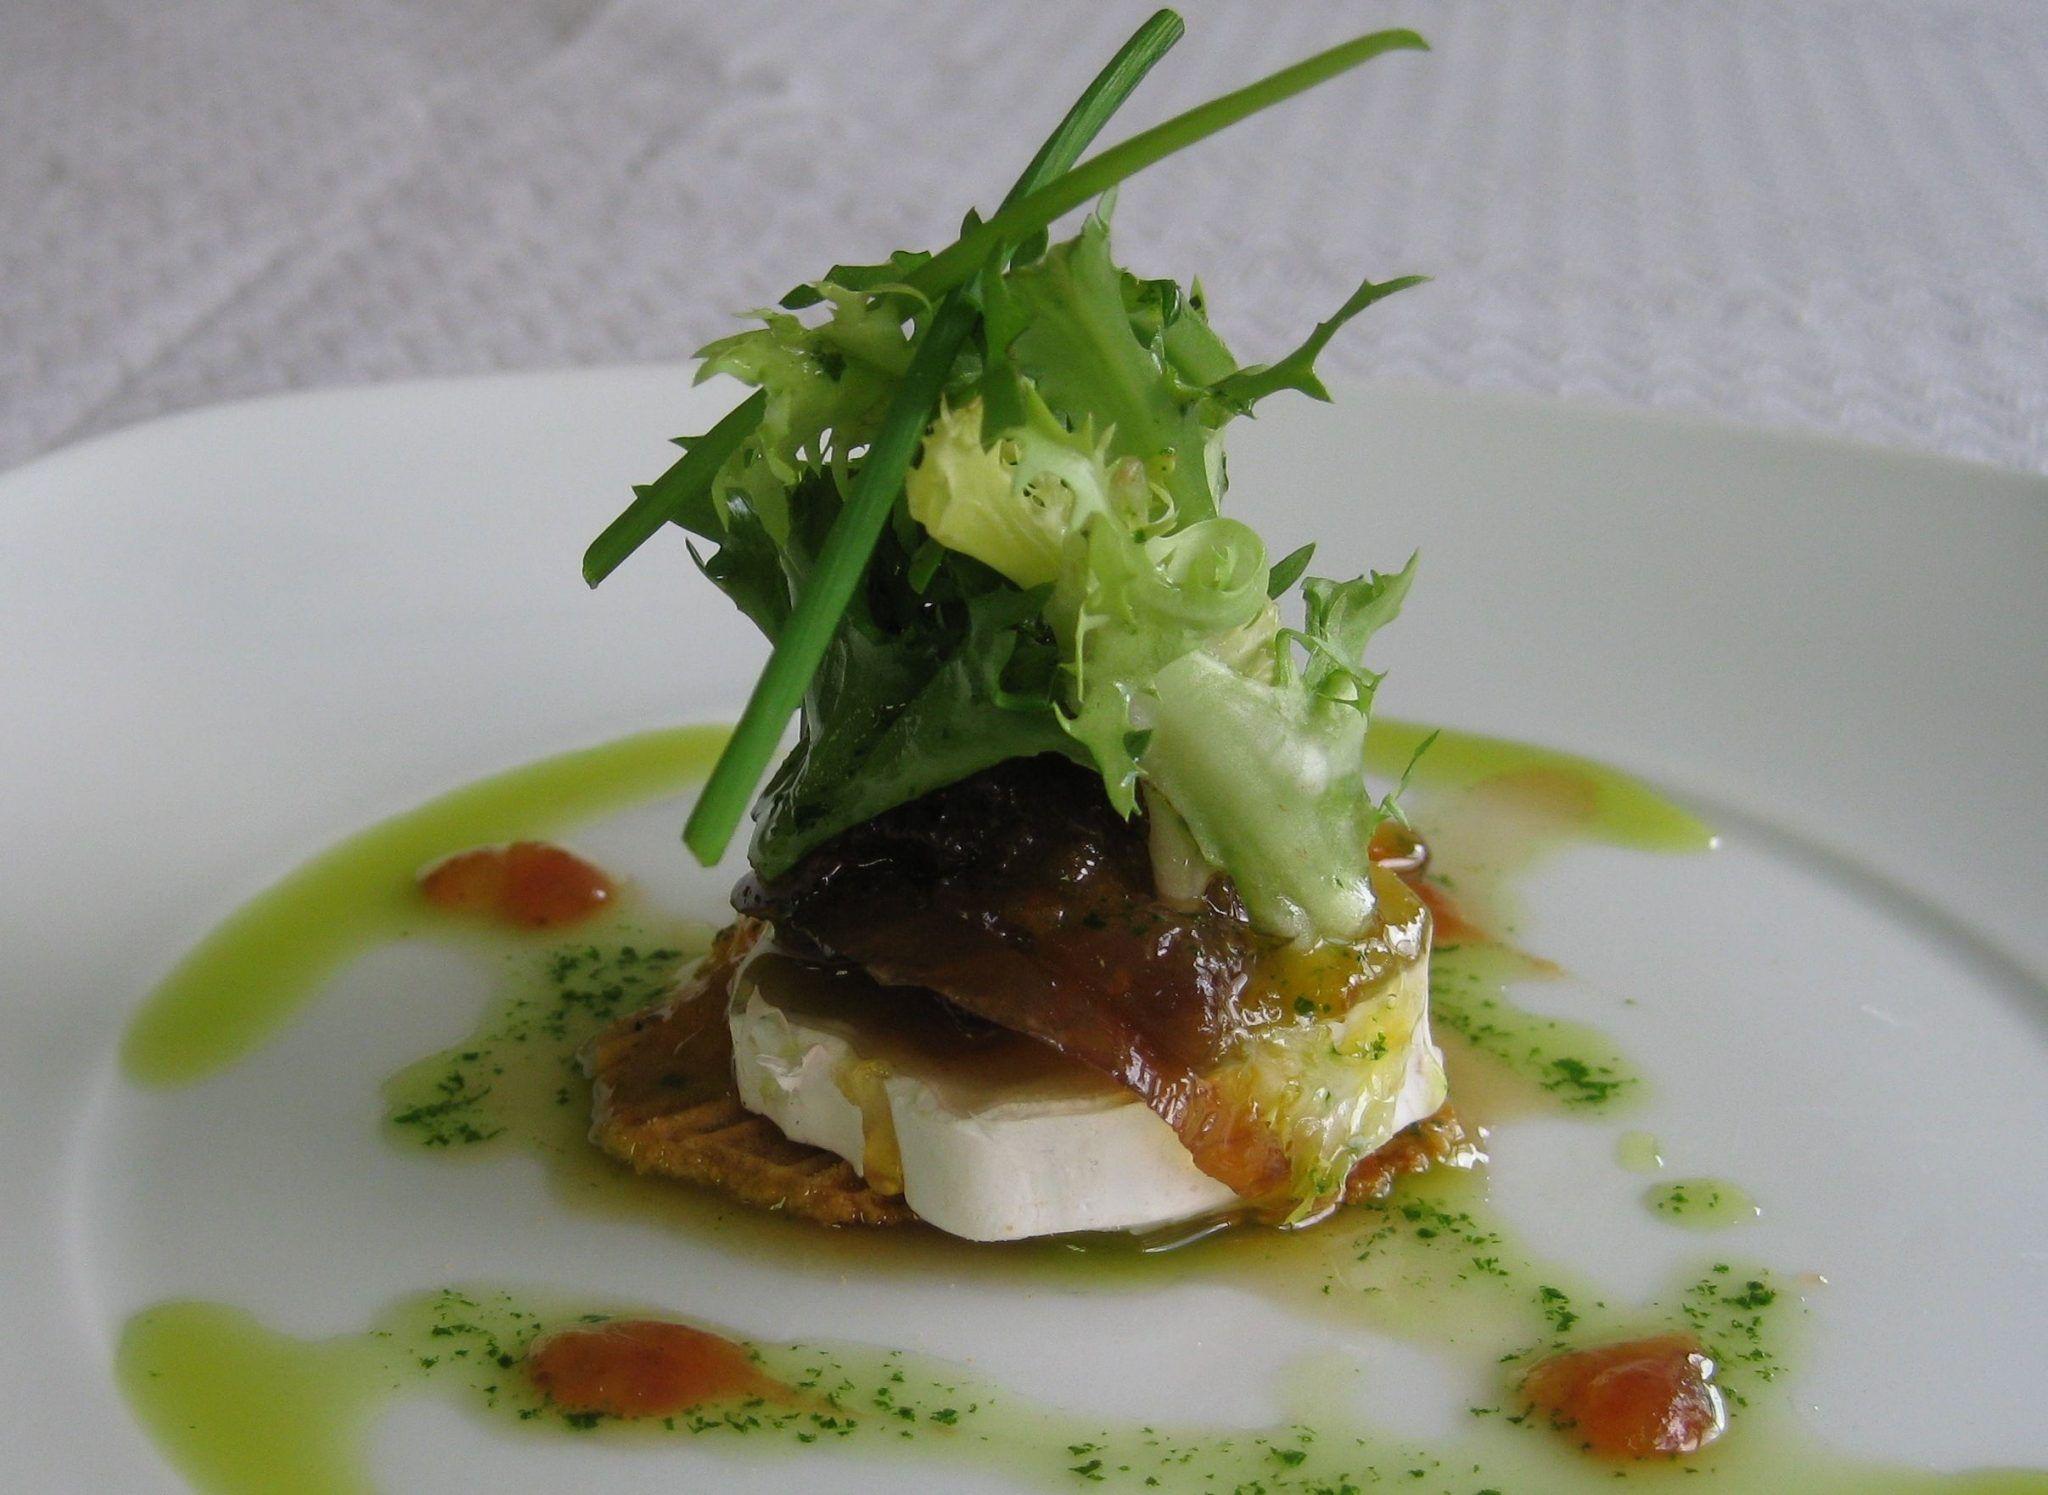 Las 5 mejores tapas gourmet | El Blog de Calidad Gourmet